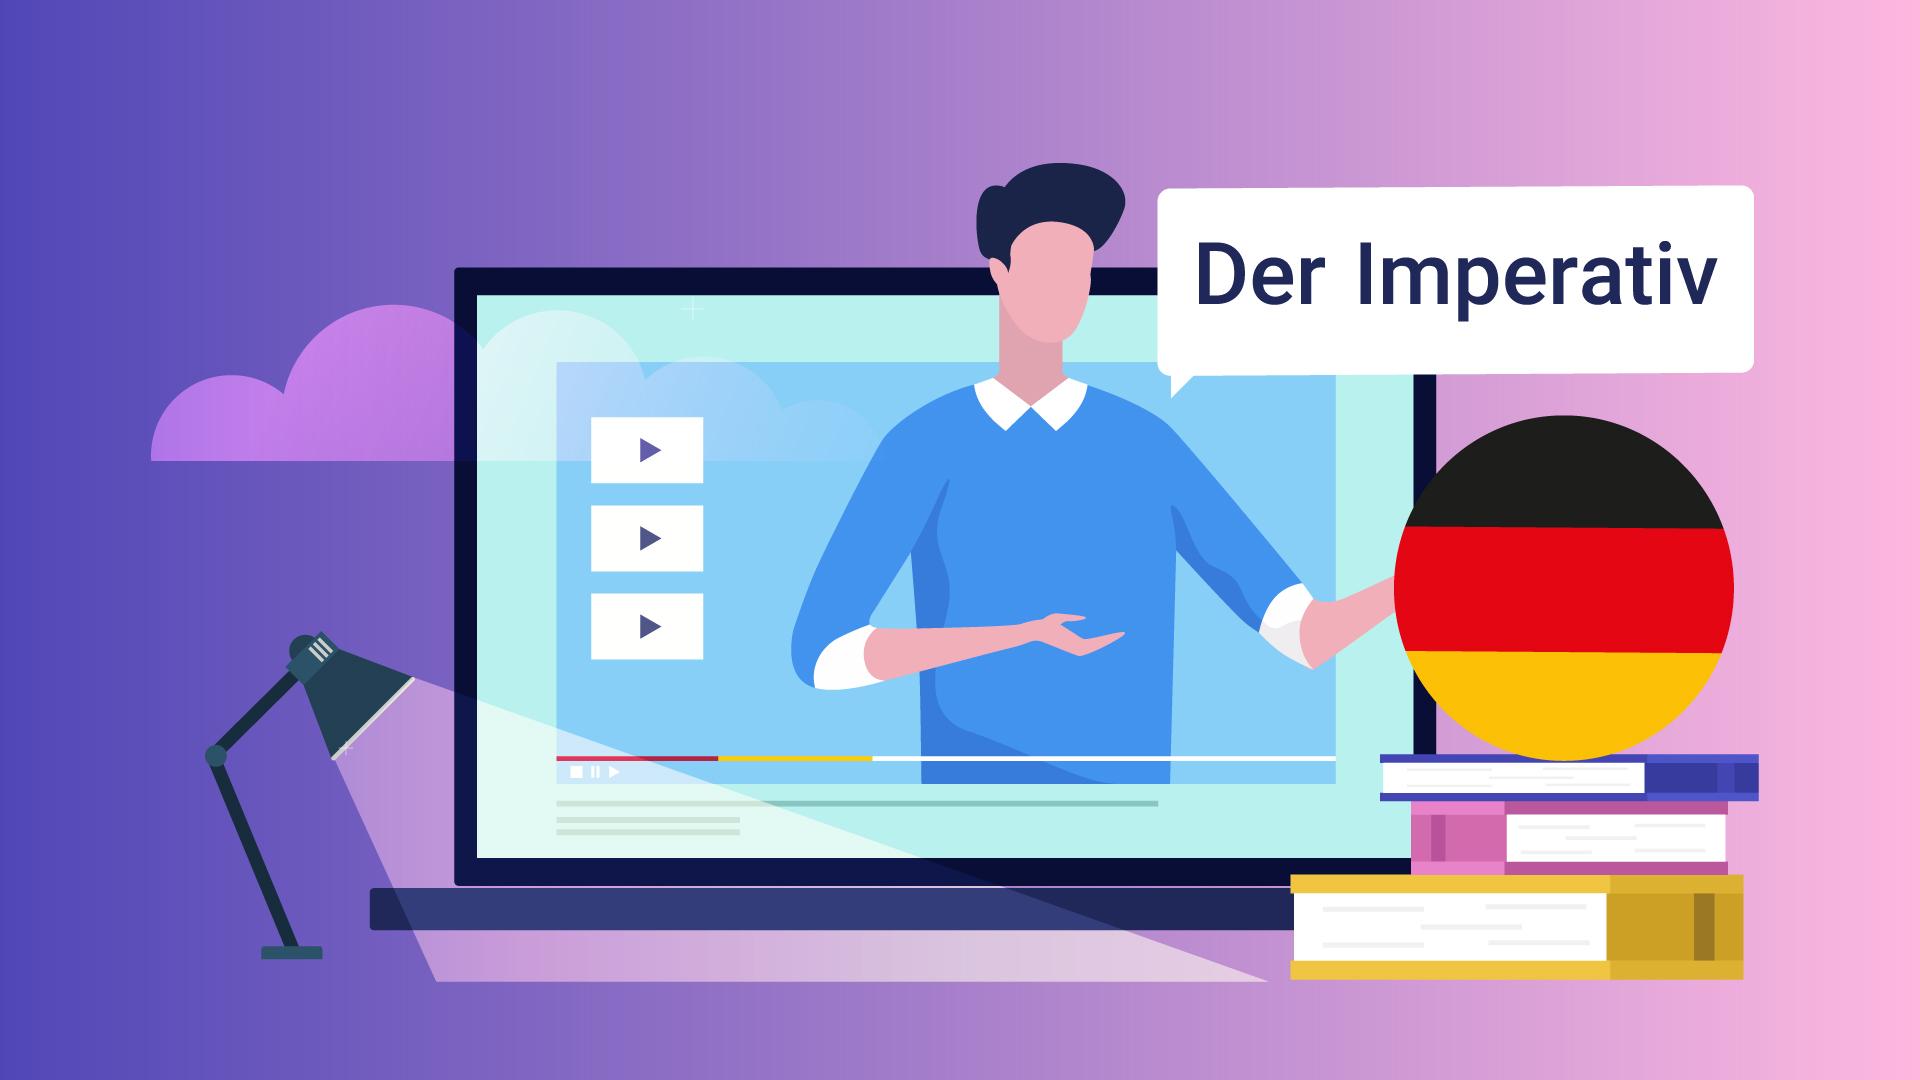 افعال امری در زبان آلمانی — آموزک [ویدیوی آموزشی]